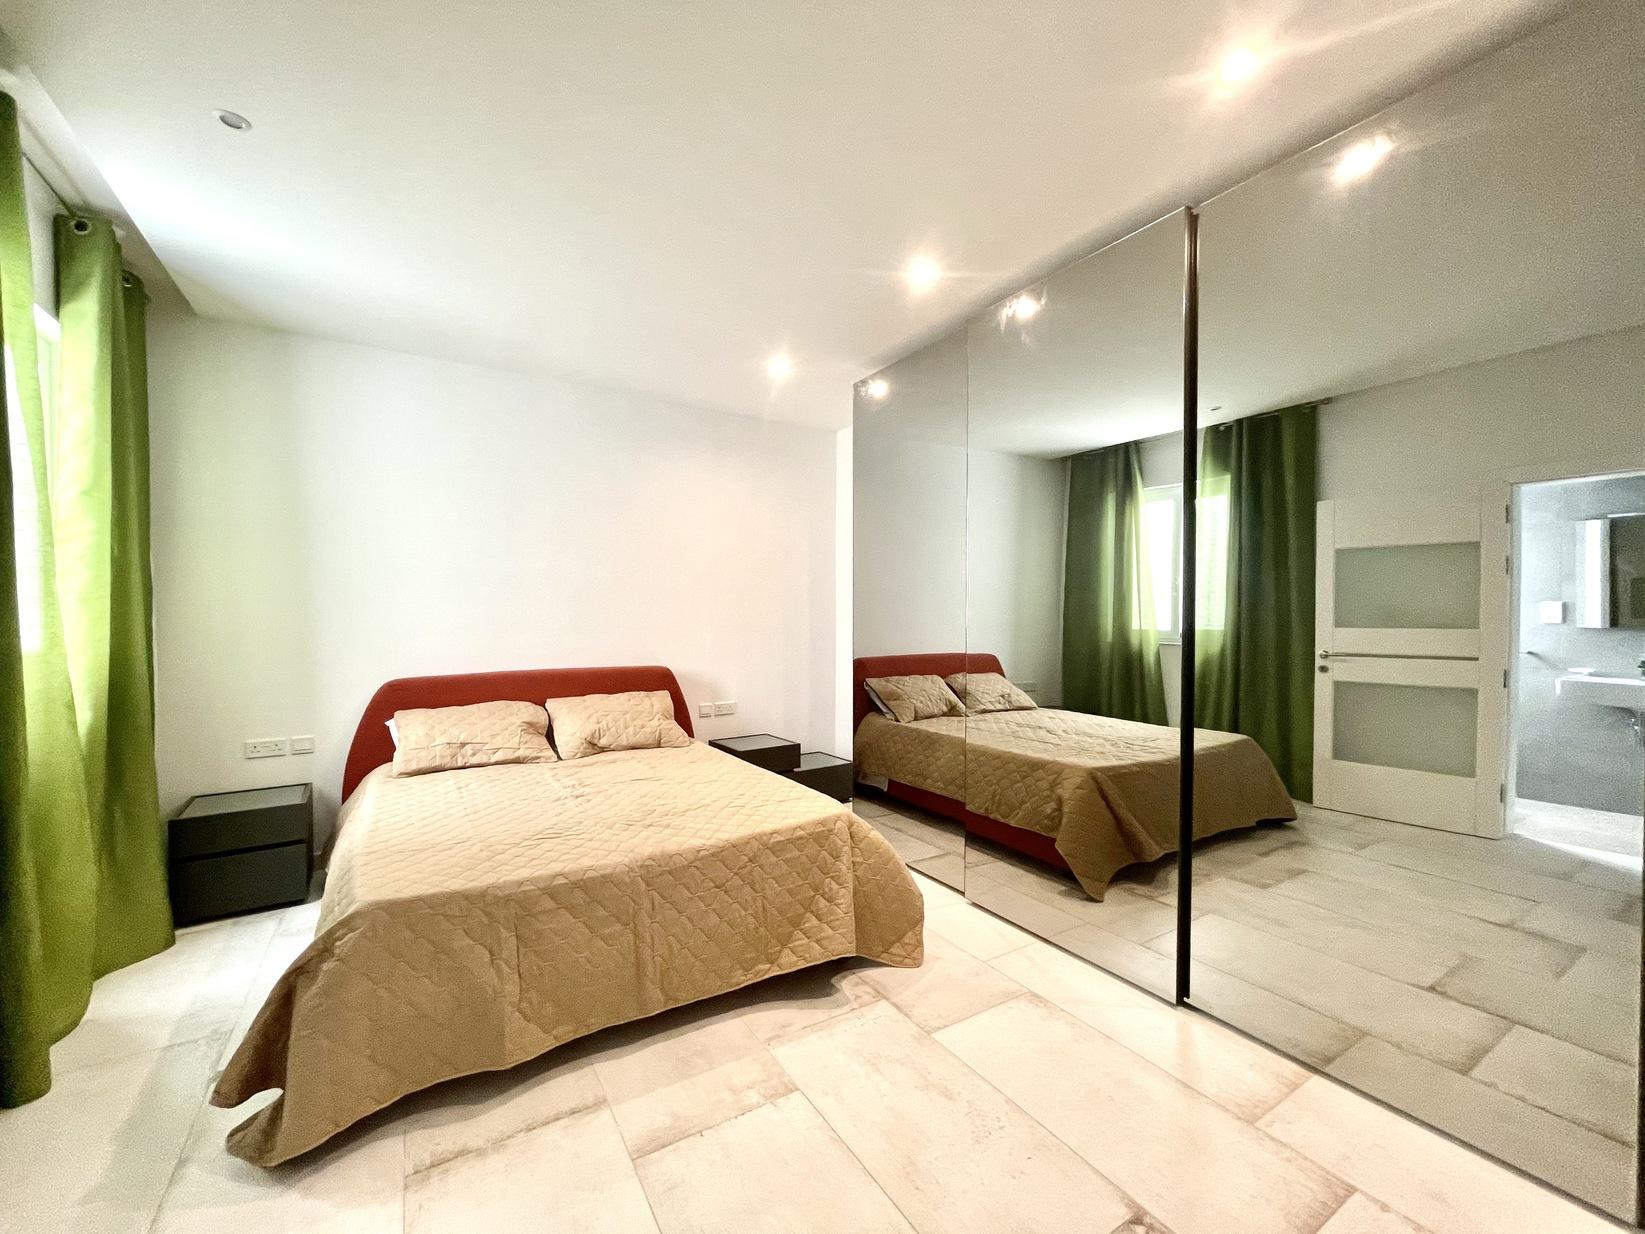 3 bed Apartment For Rent in Kalkara, Kalkara - thumb 9